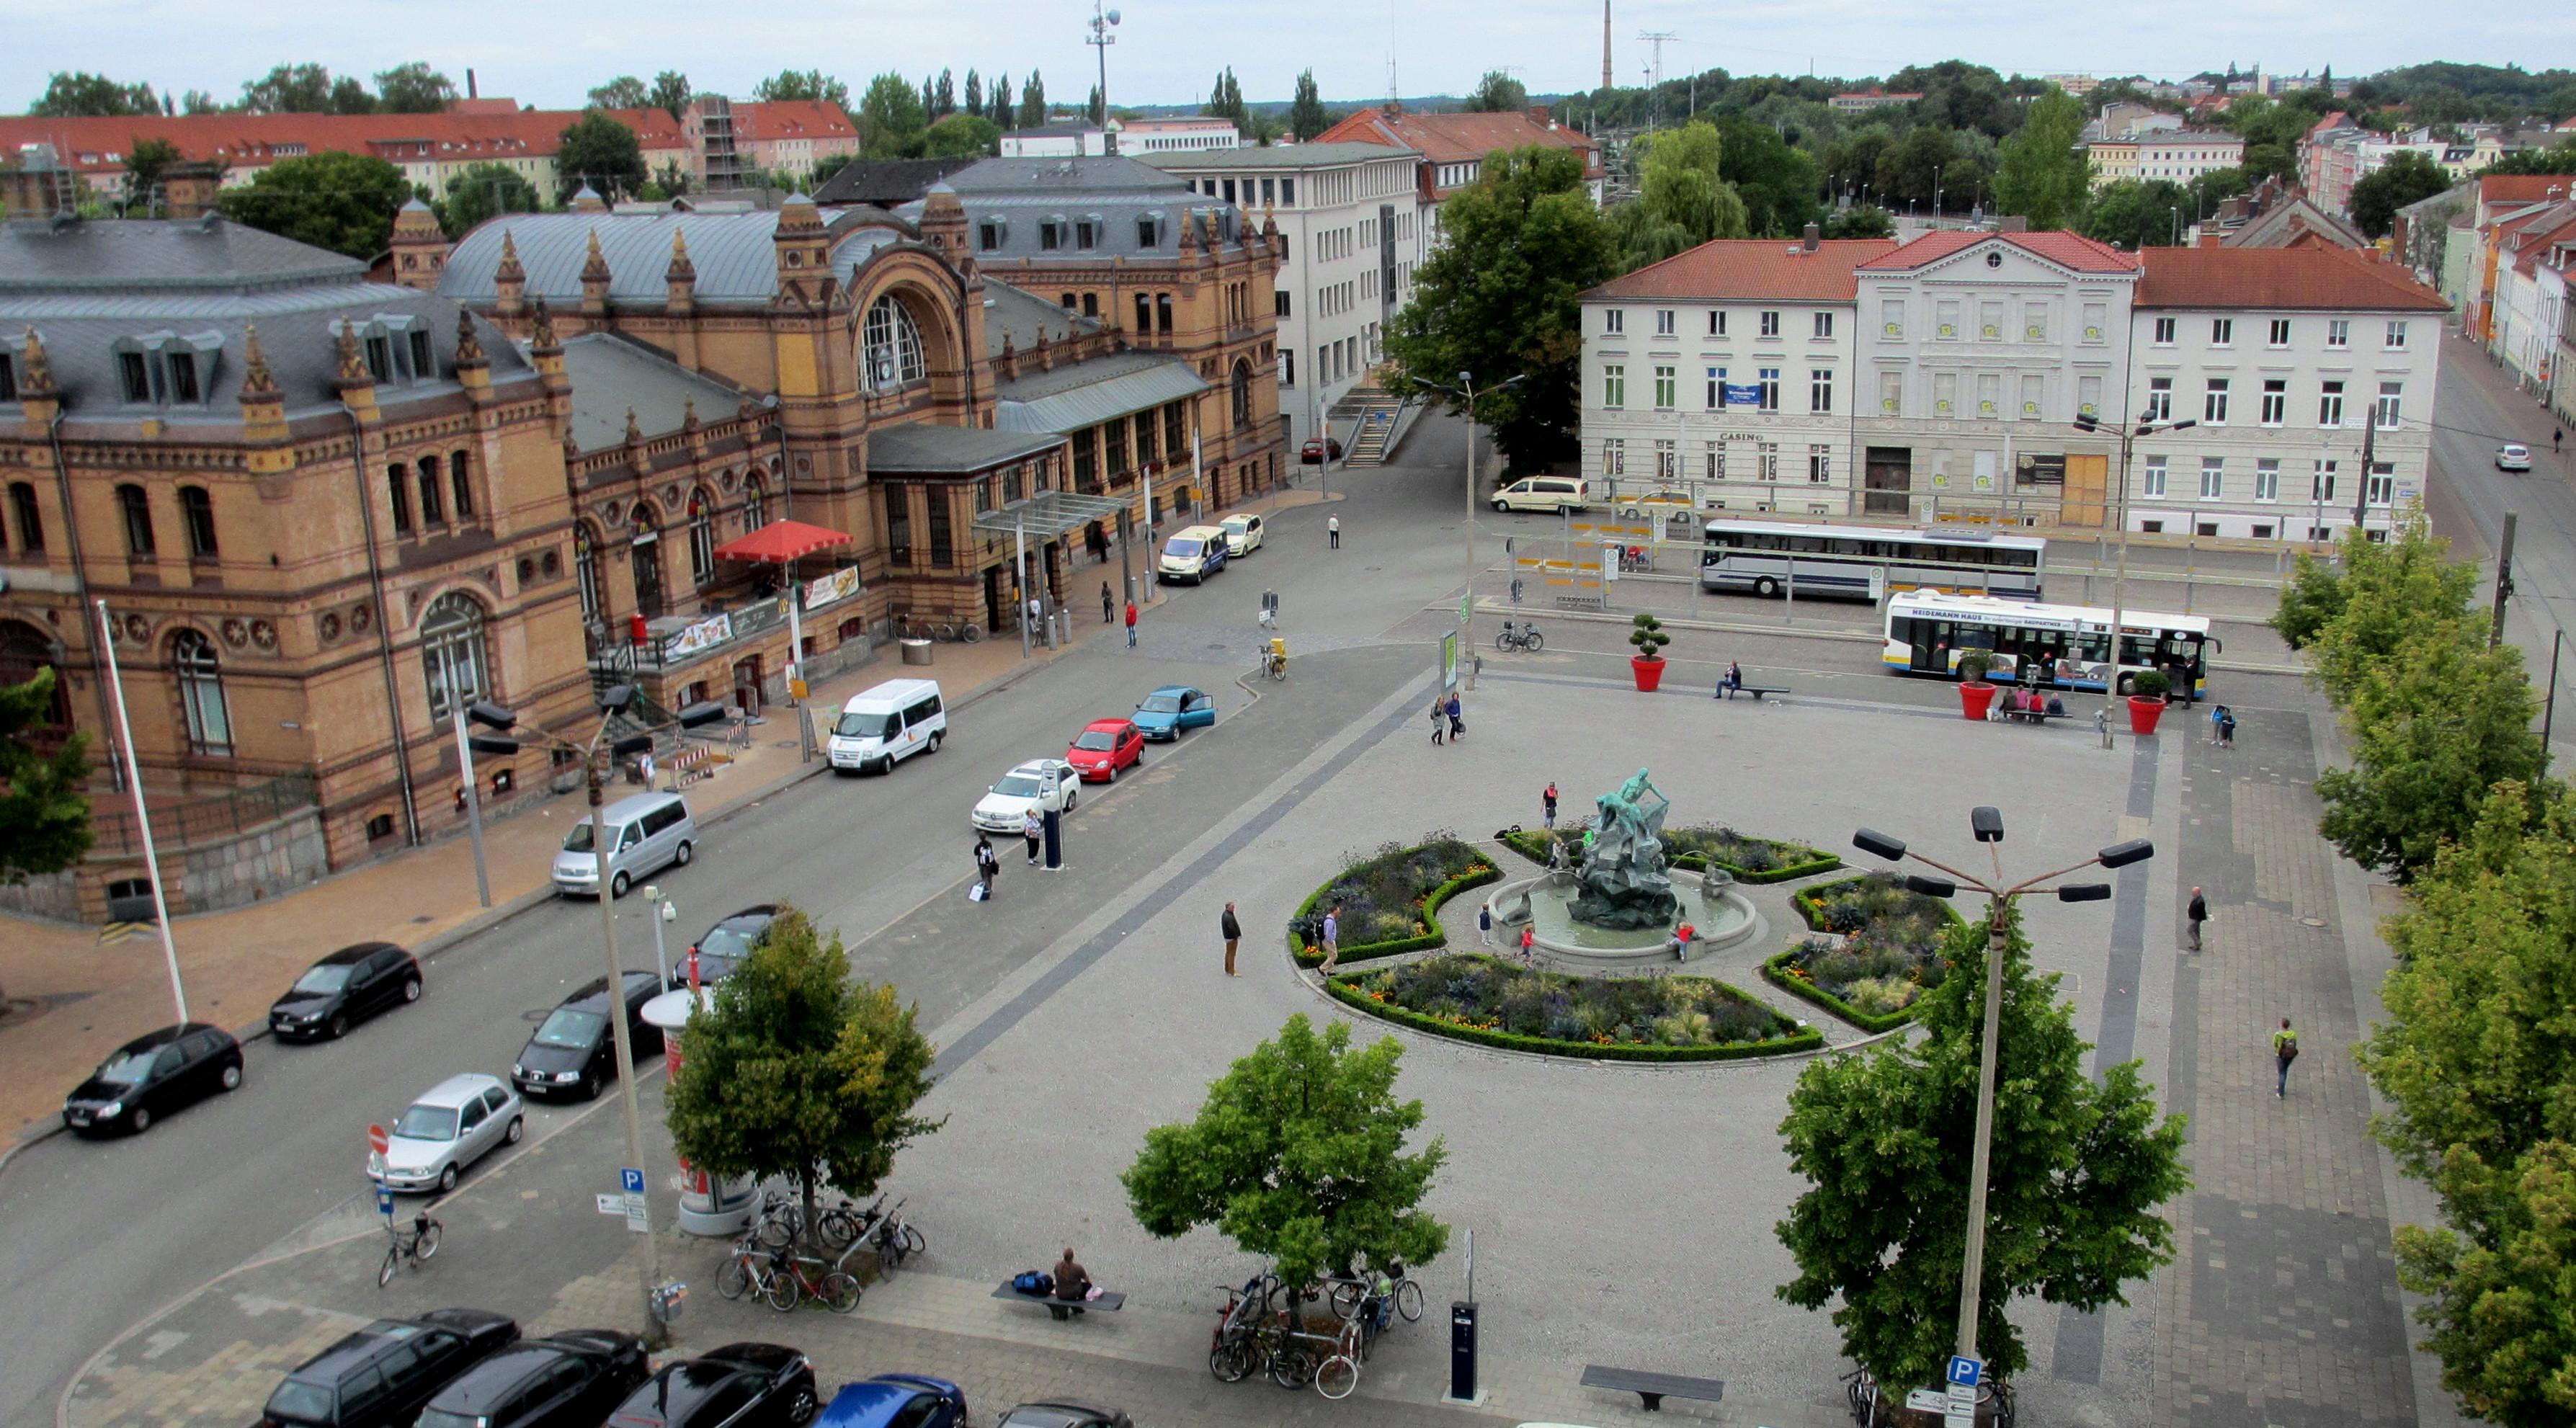 Grunthalplatz Schwerin